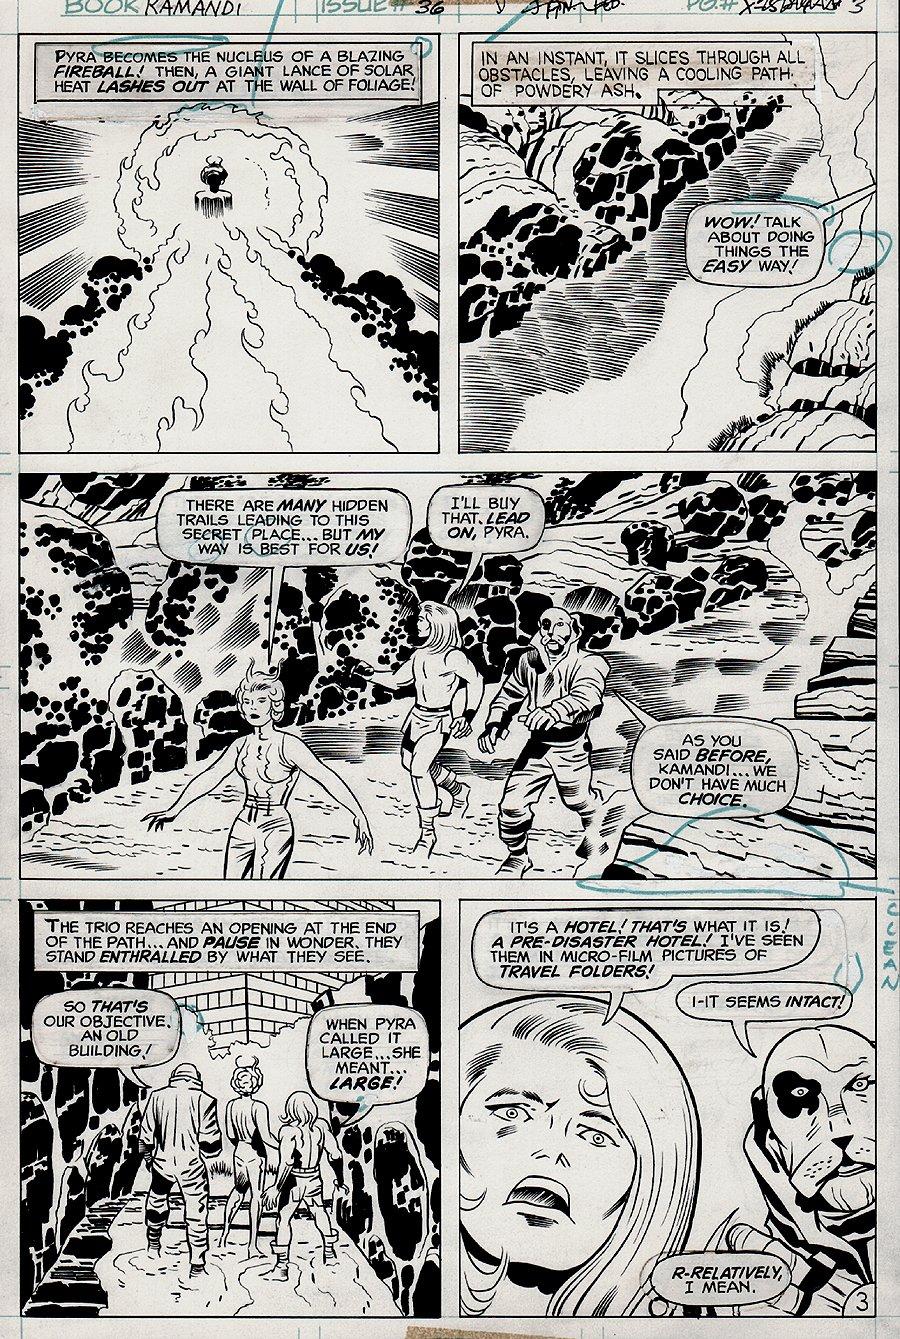 Kamandi #36 p 3 (1975)